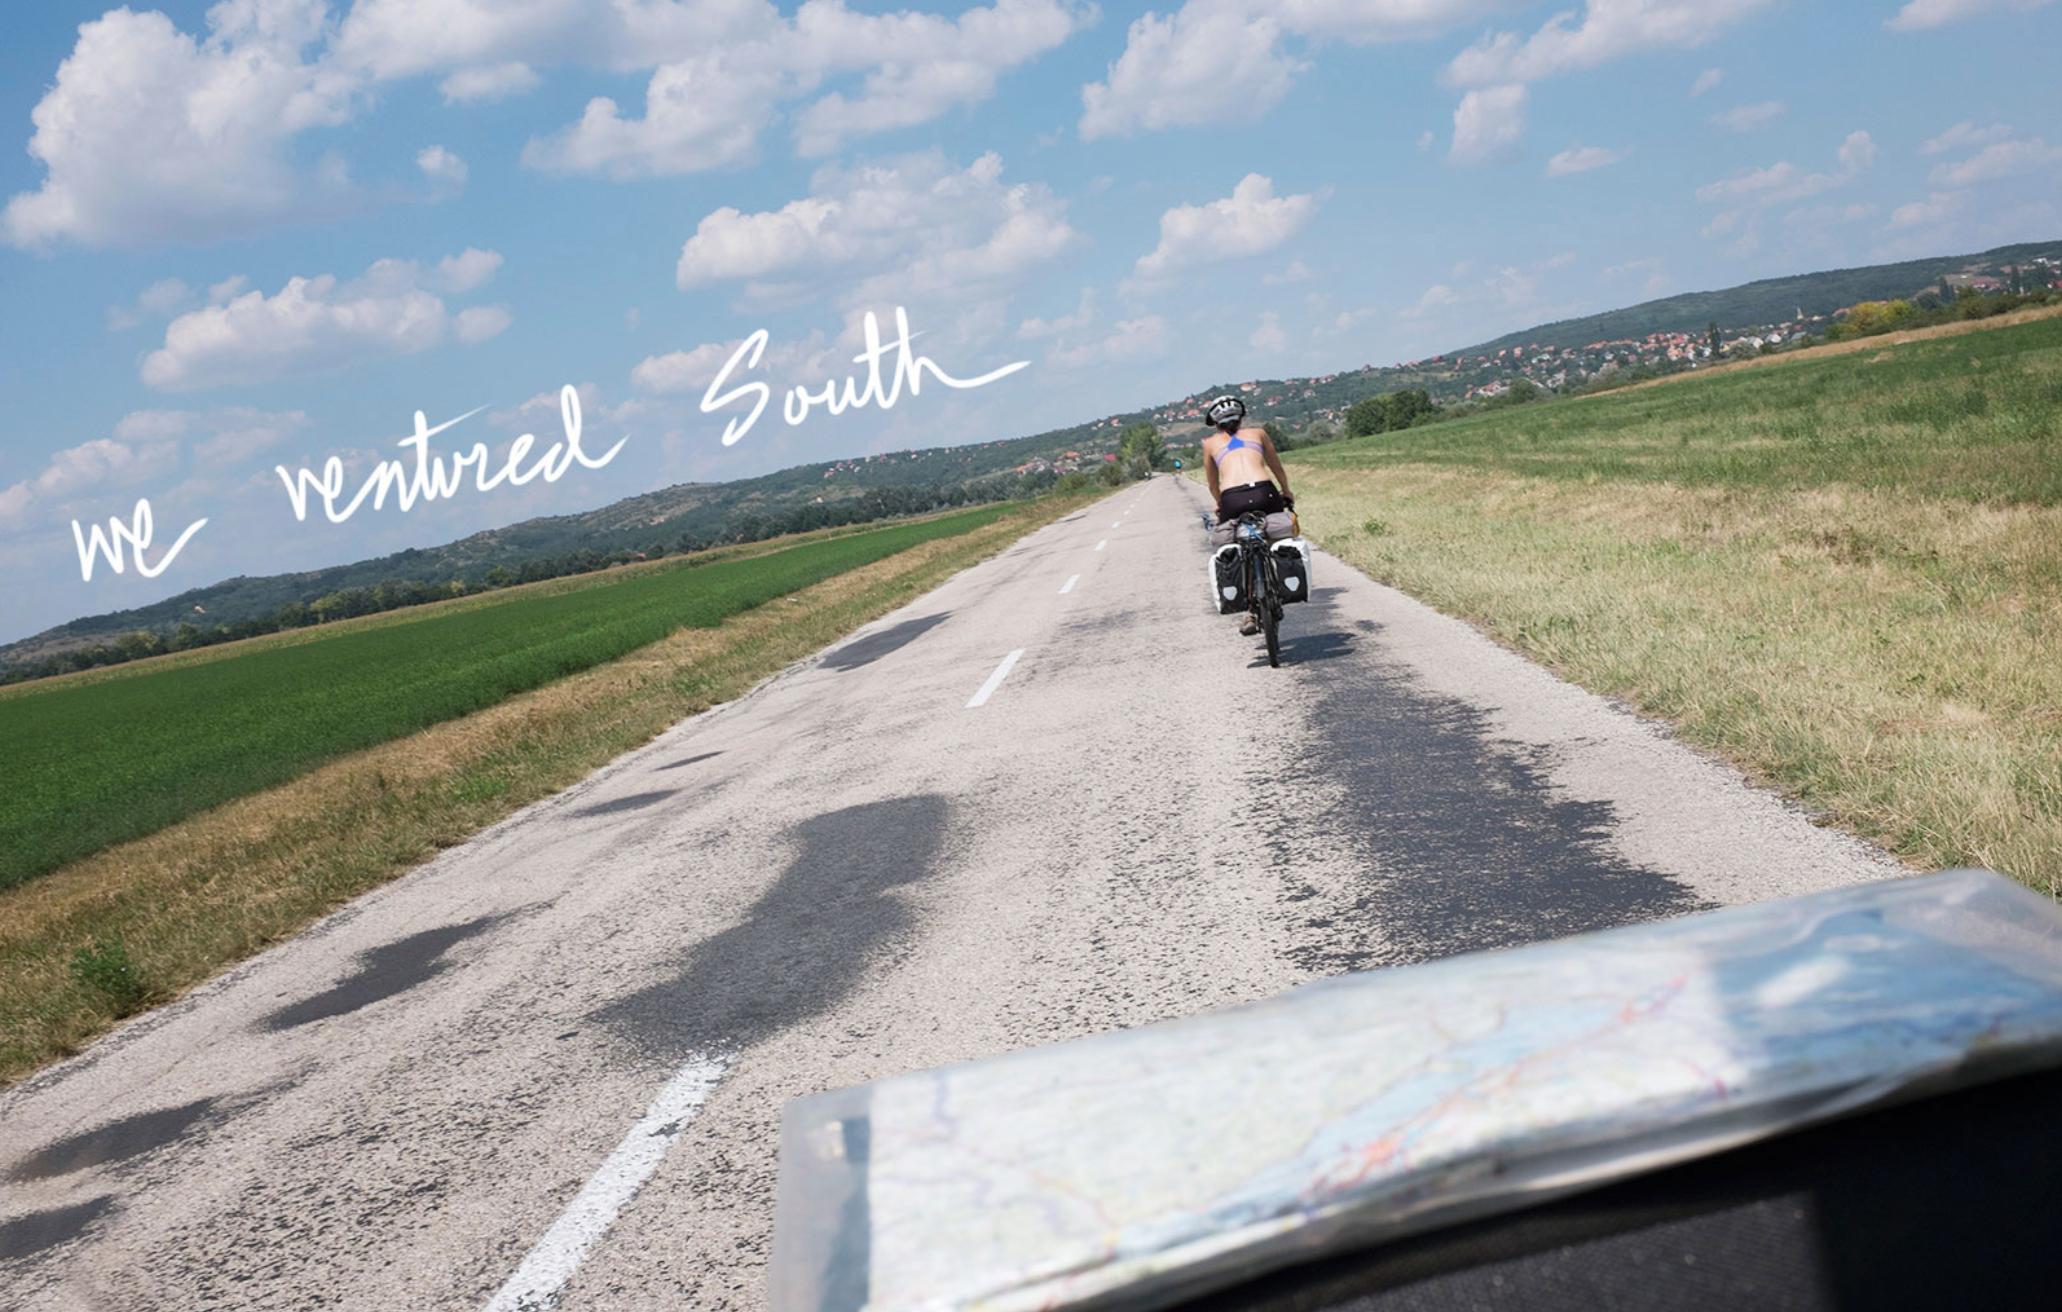 diephuis-trip-bike-3000-miles31.png